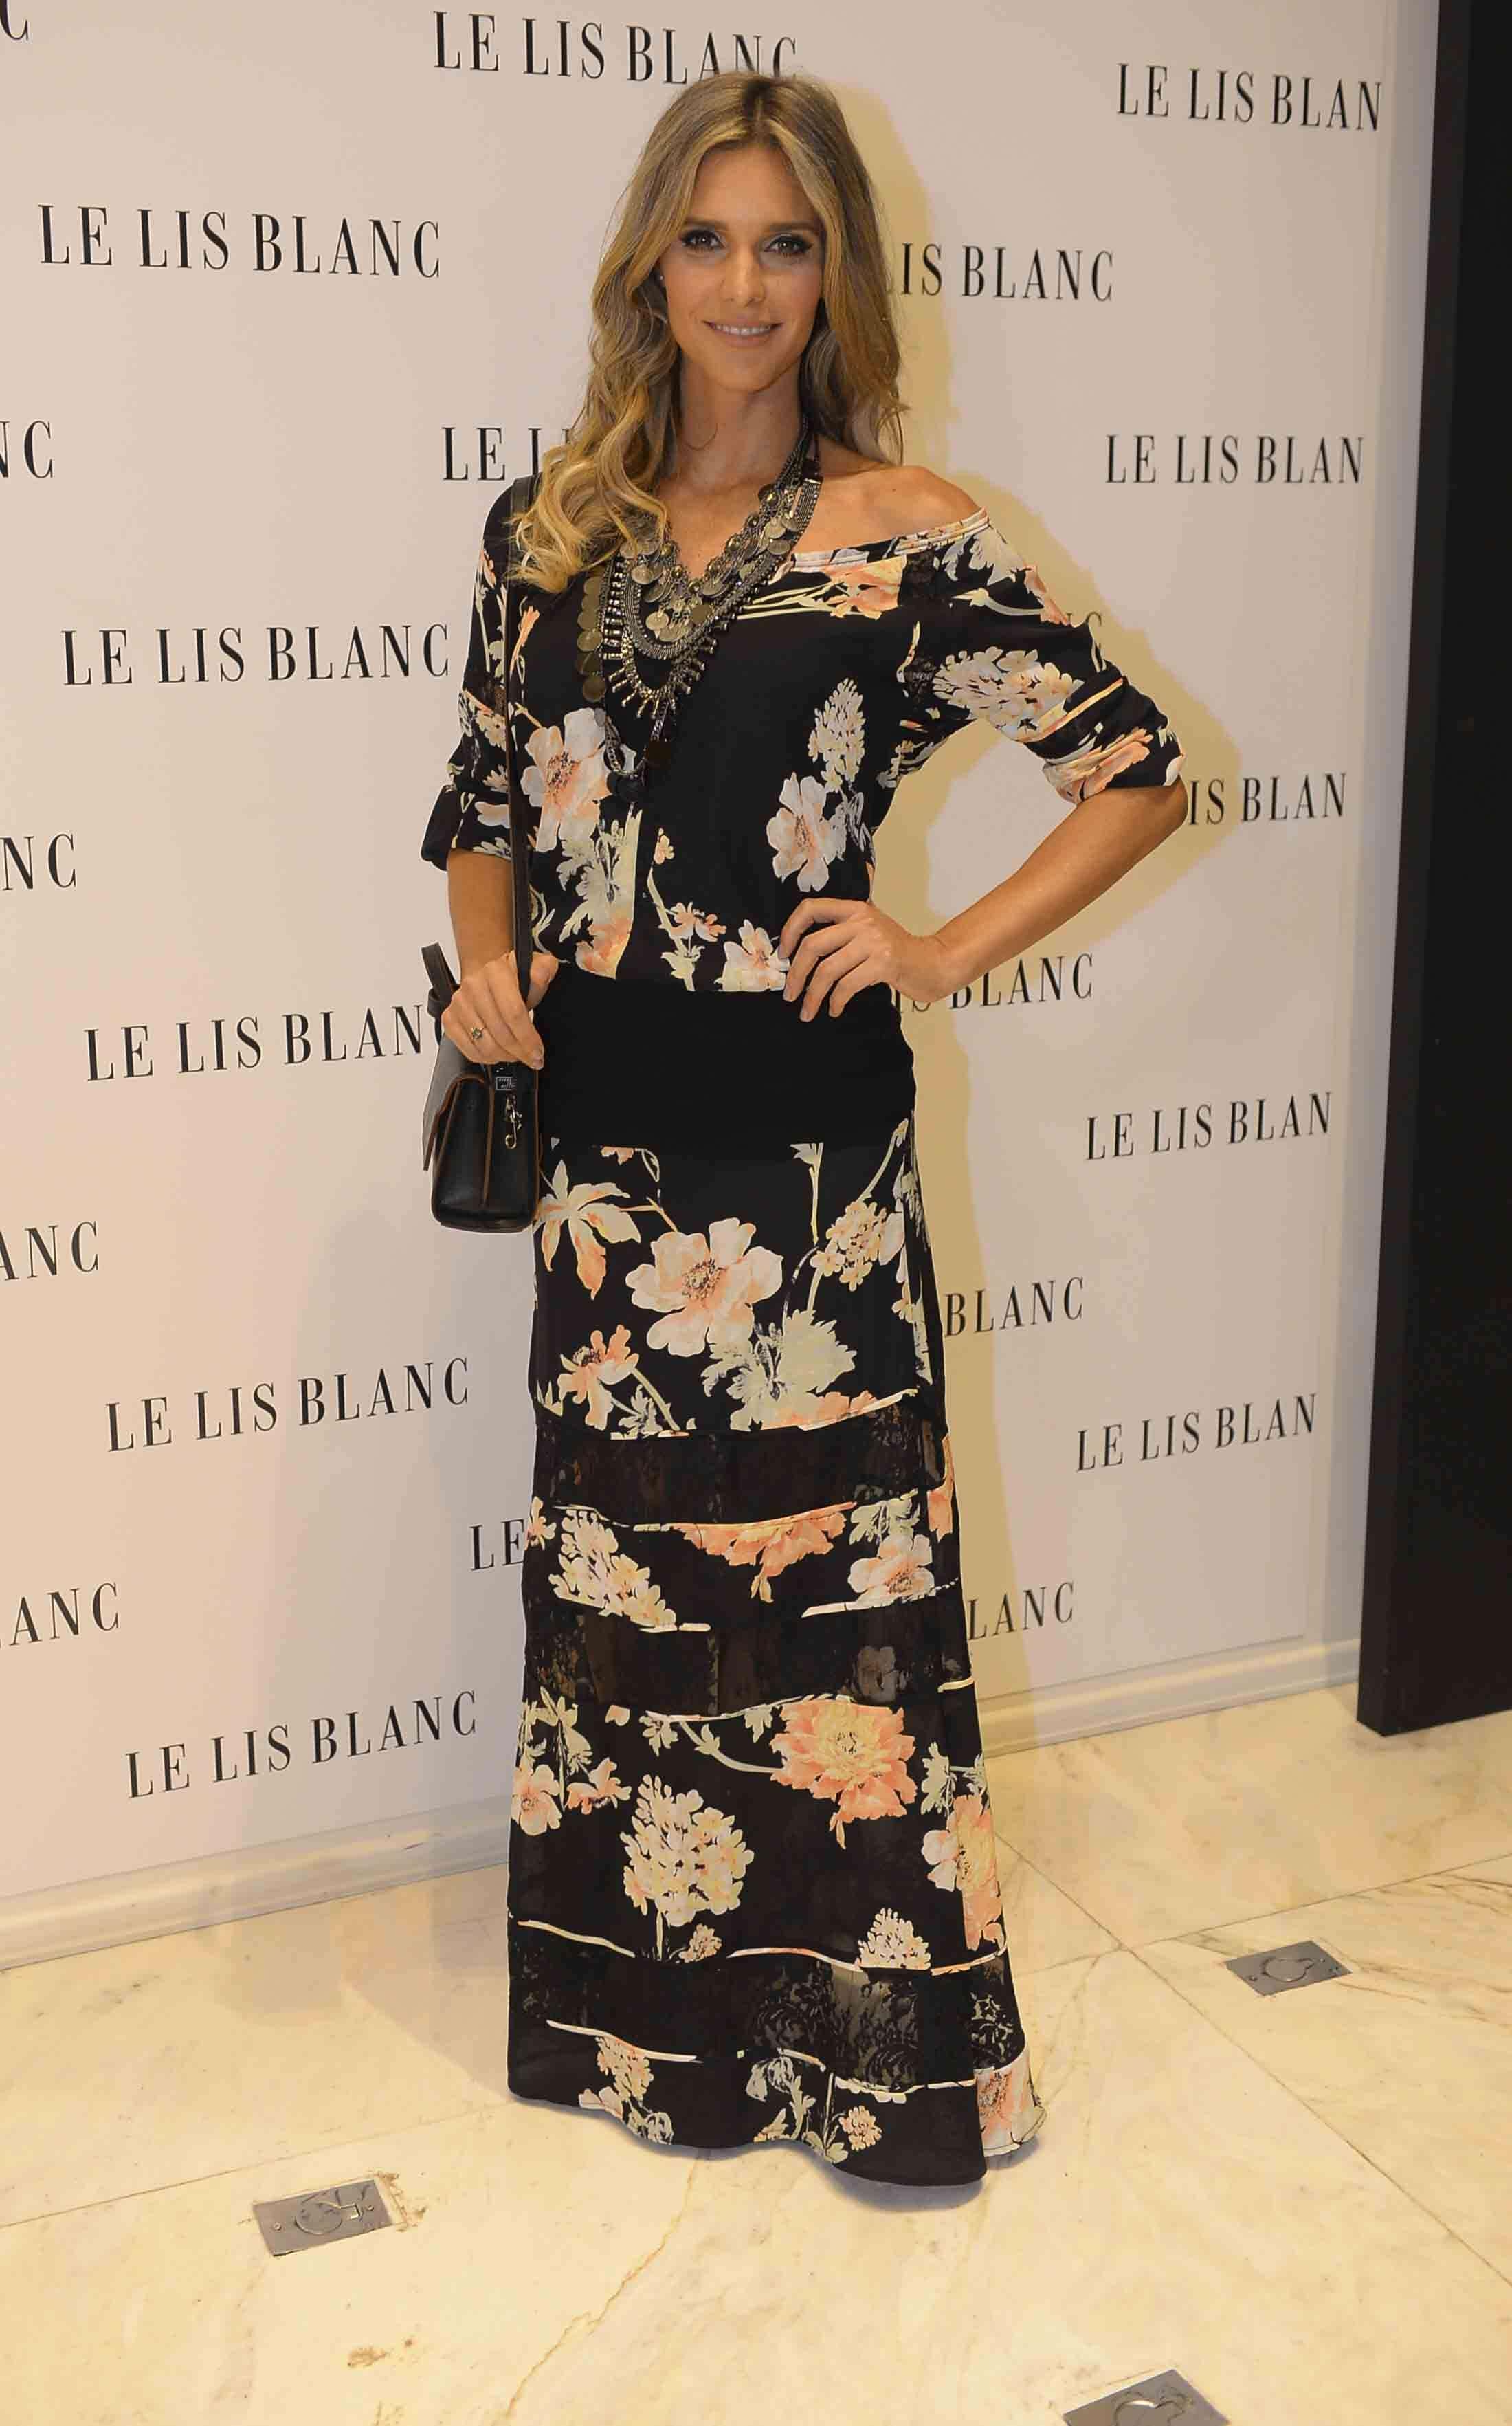 Com fundo preto e flores claras, o conjunto de saia e blusa que Fernanda Lima usa é chique é fino. As faixas horizontais pretas podem achatar a silhueta, por isso devem ser evitadas pelas mais baixas Foto: Léo Franco/AgNews